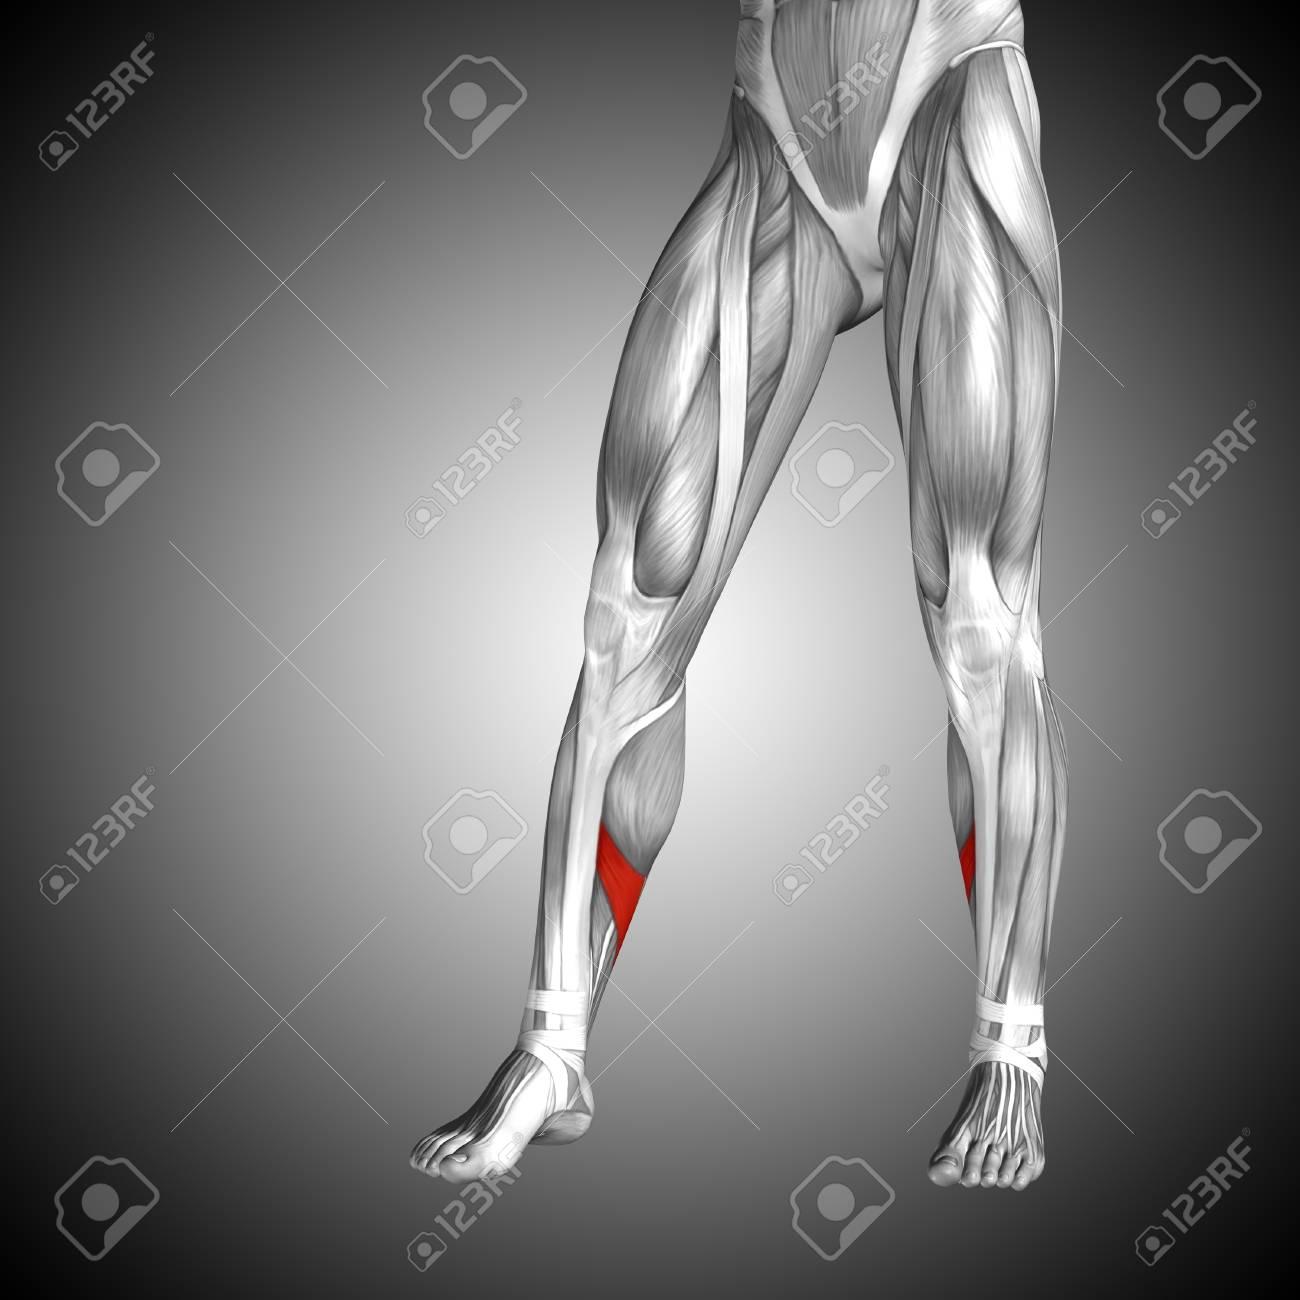 Atractivo Anatomía Inferiores Imágenes Traseras Regalo - Imágenes de ...